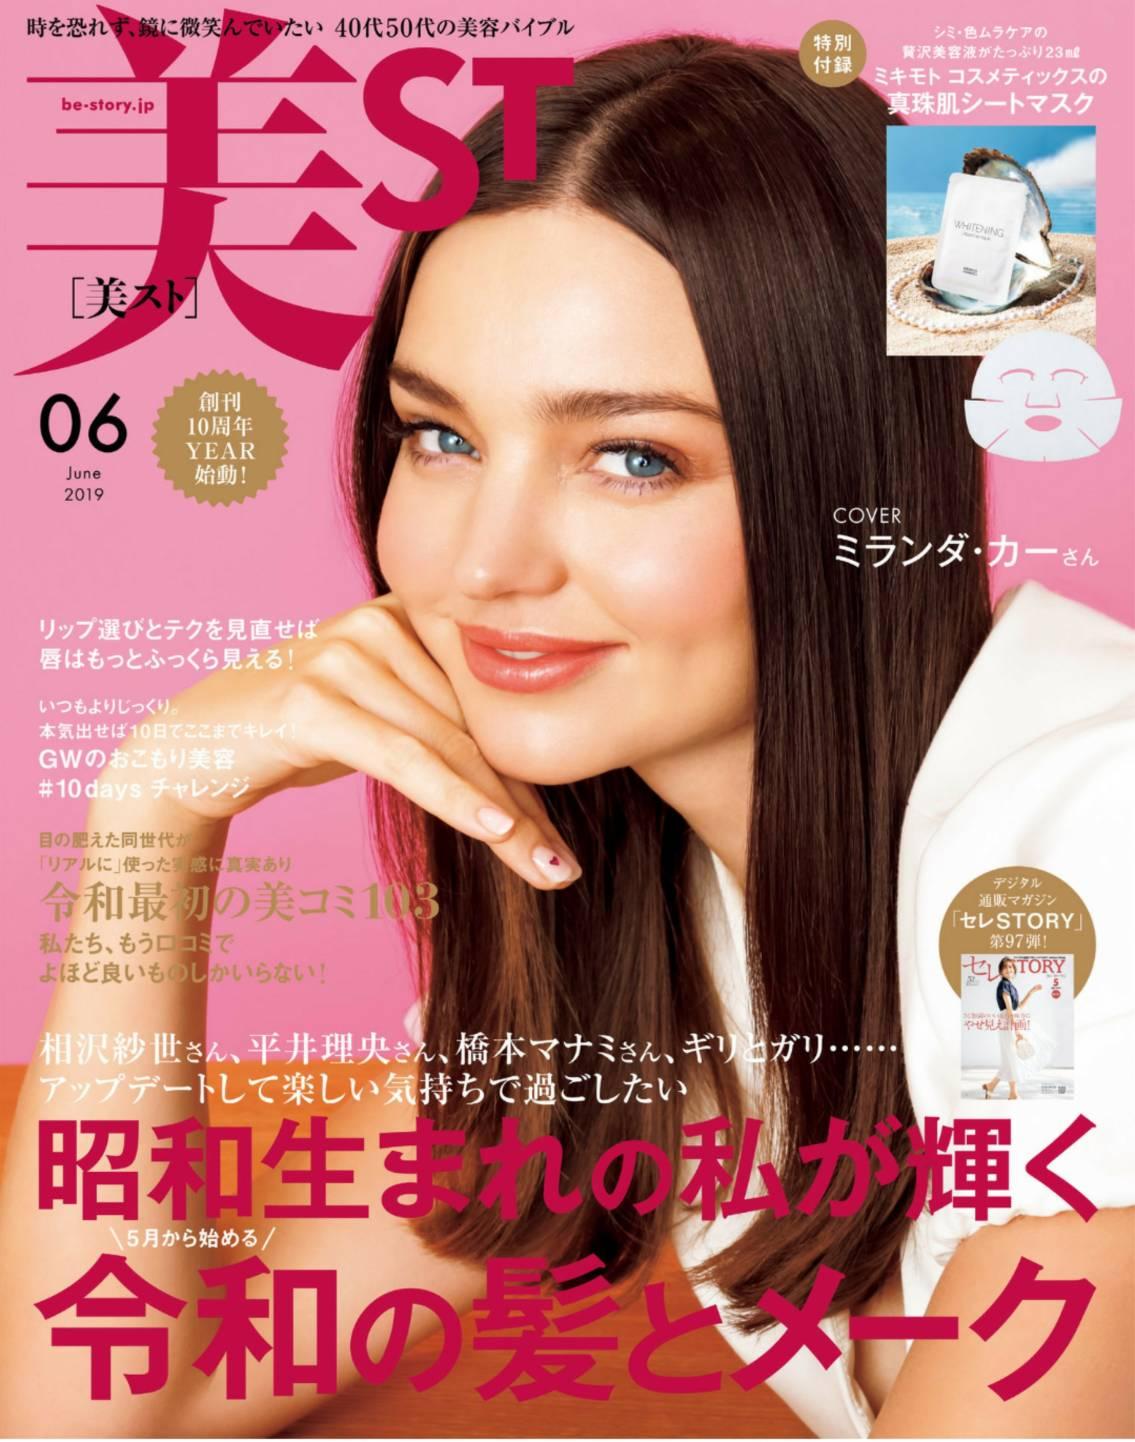 美ST6月号に「リアボーテ化粧品」が掲載されました!